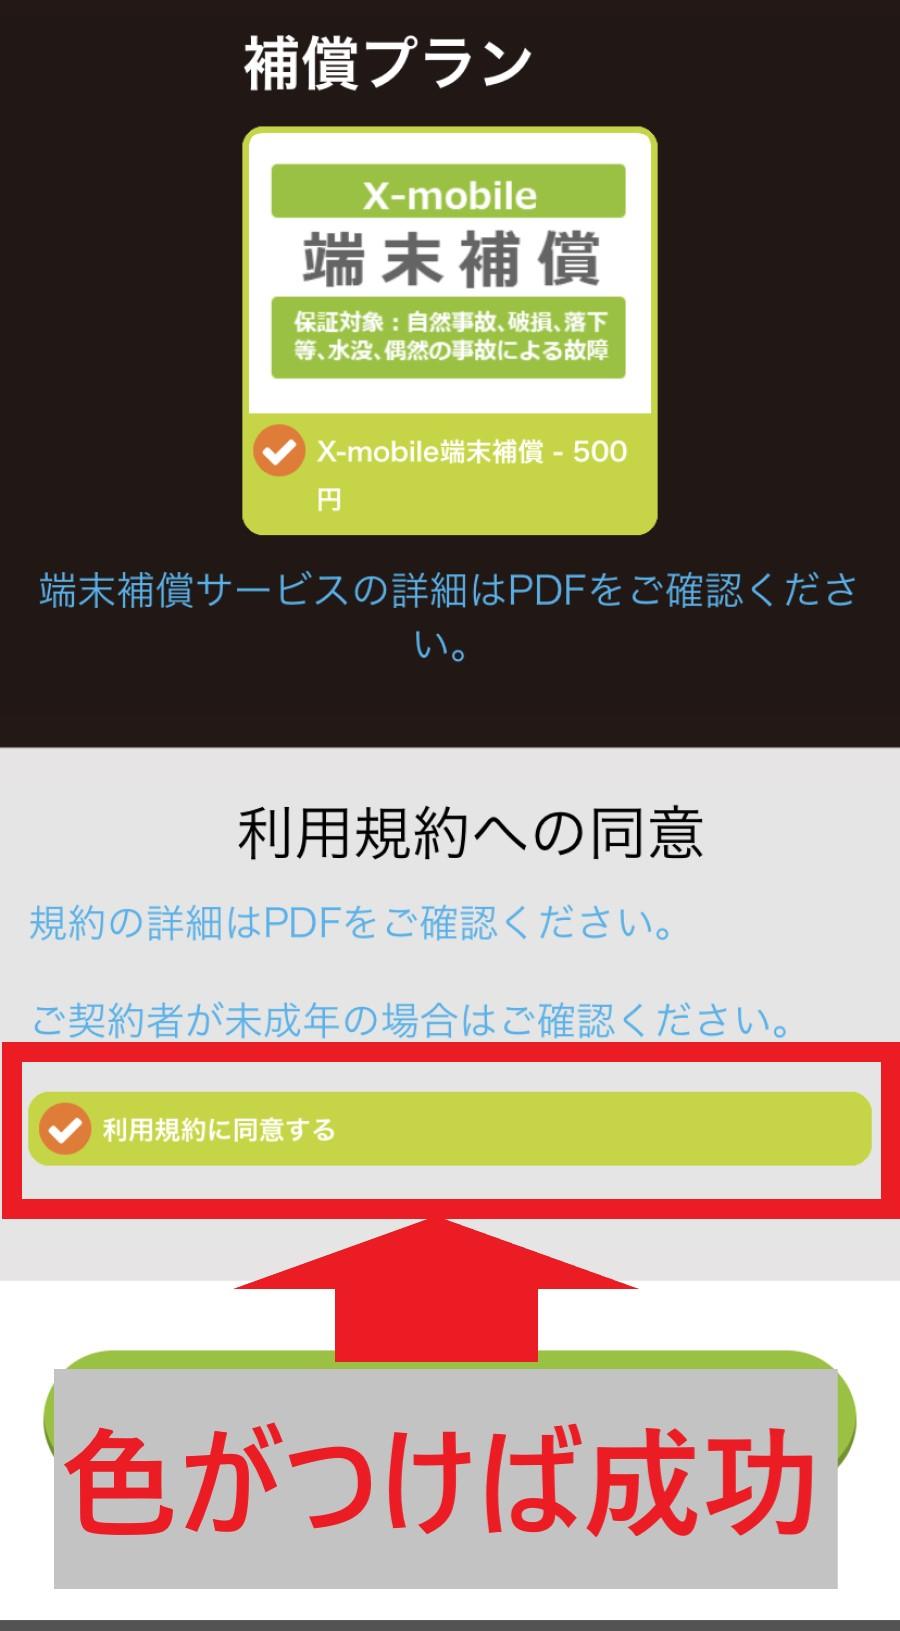 限界突破WiFiの申し込み手順・流れ6-2